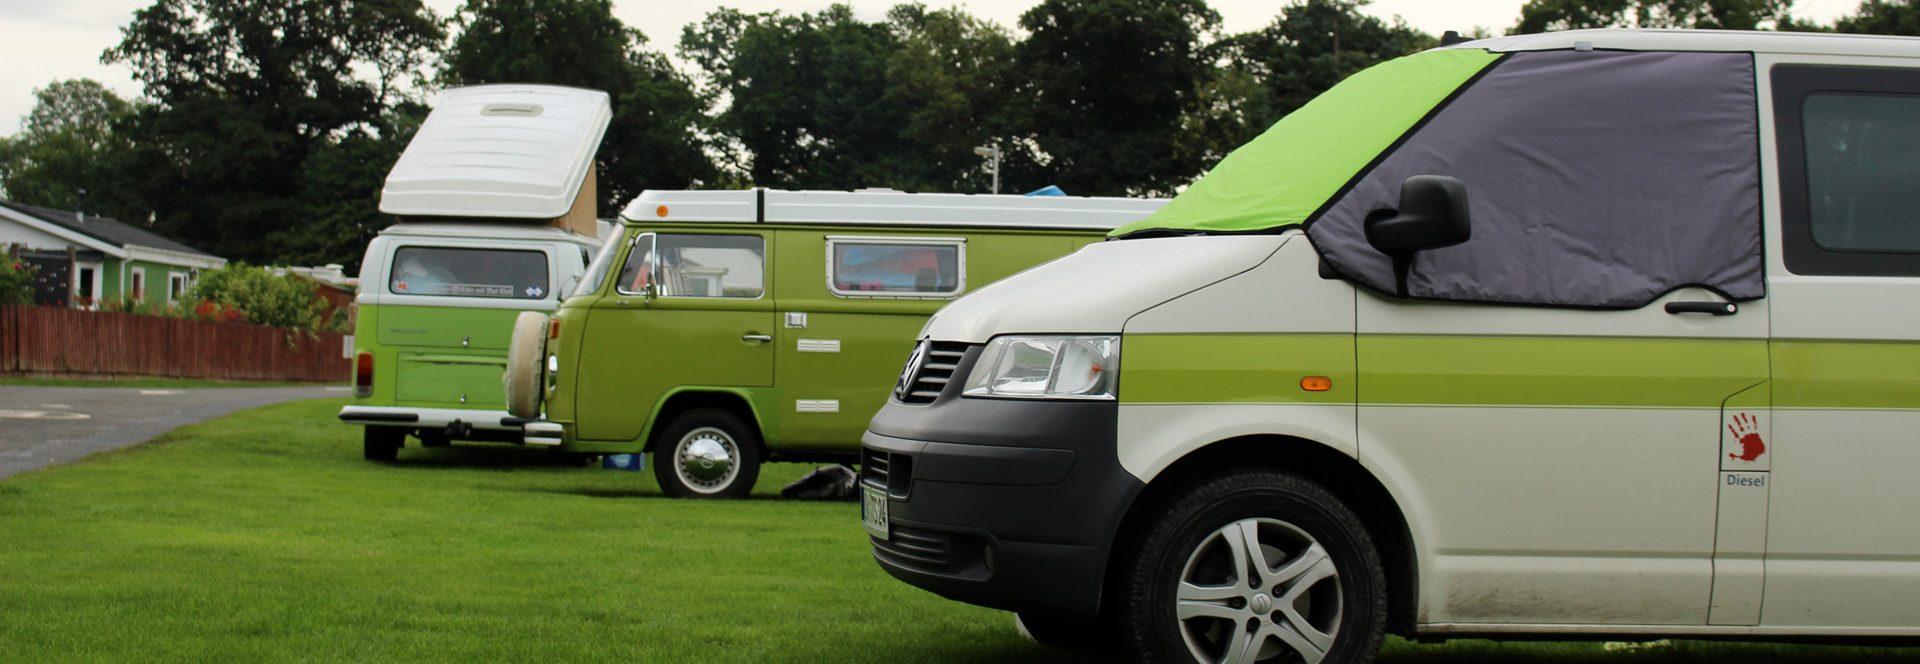 Bustreffen Stirling Bulli Campervan Schottland